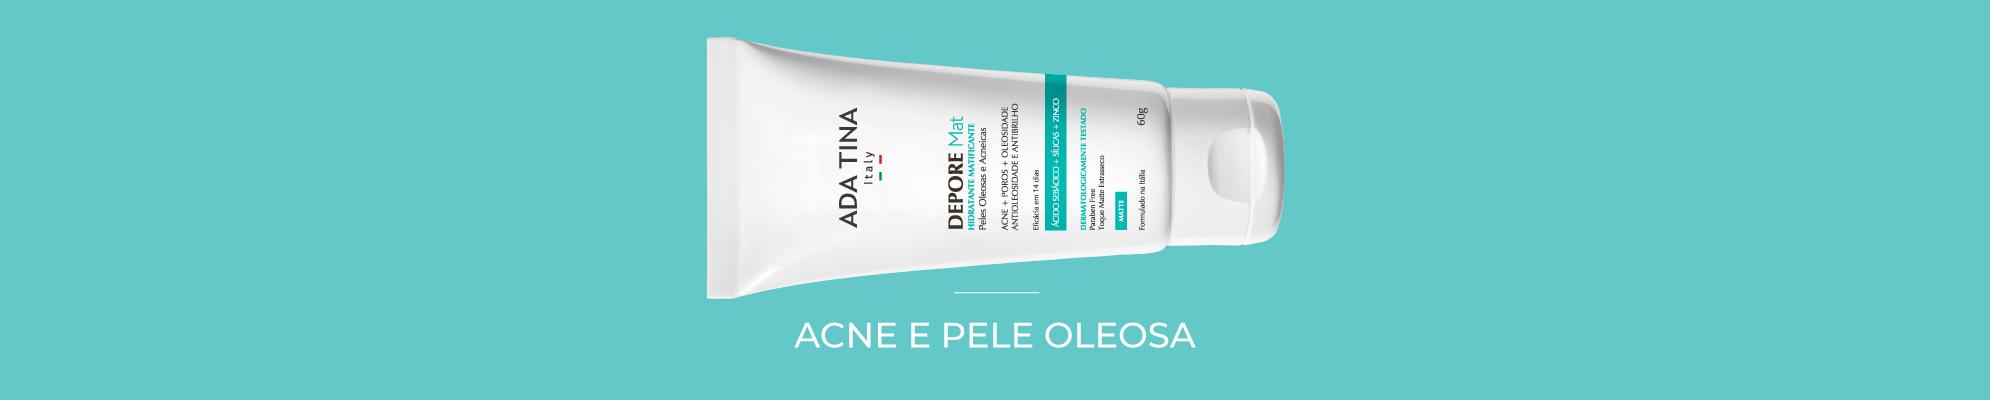 Banner Desktop - Rosto / Acne e Pele Oleosa